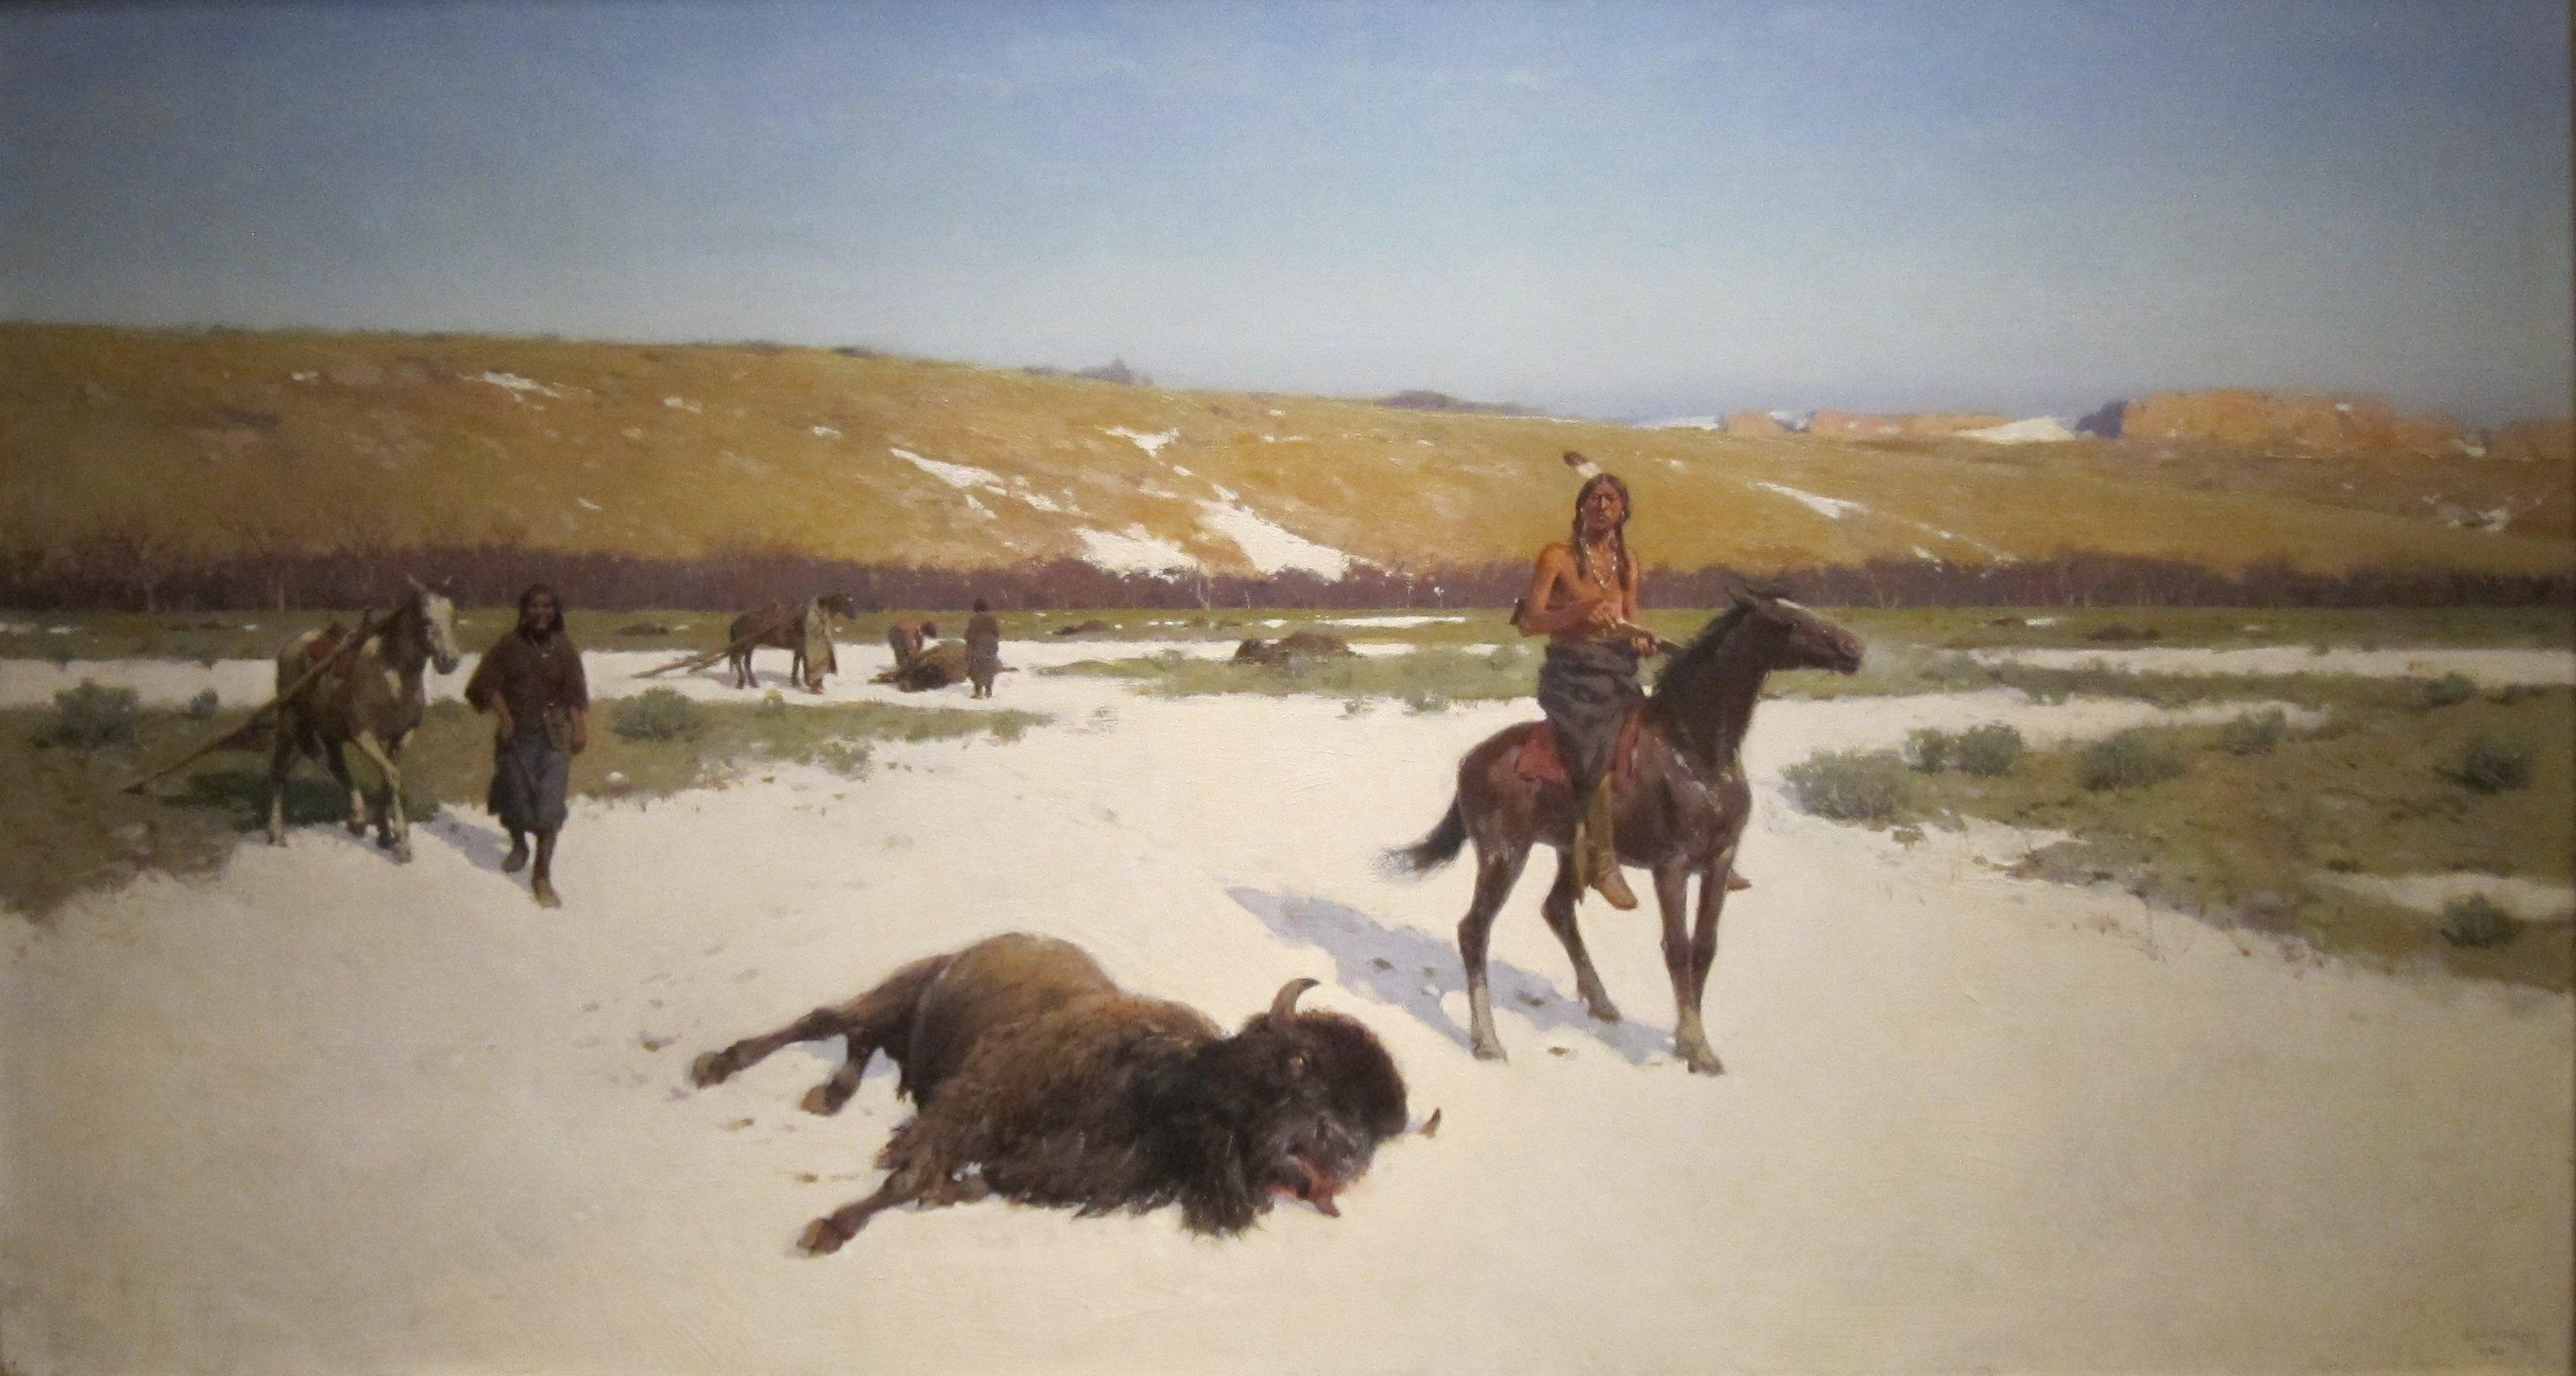 filethe last of the herd by henry farny cincinnati art